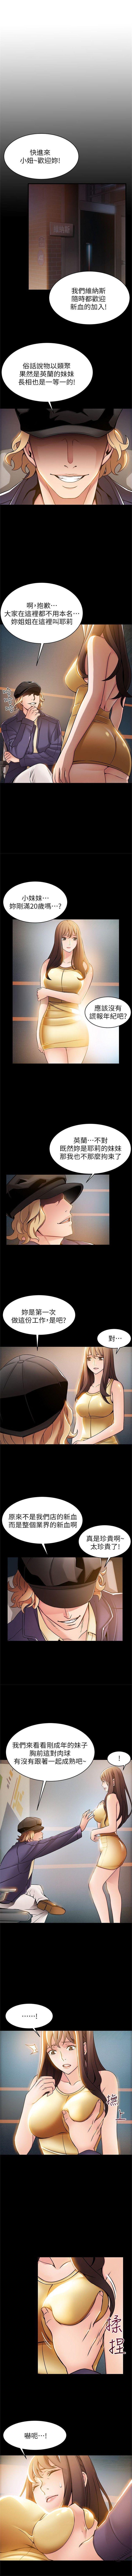 弱点 1-64 中文翻译(更新中) 95